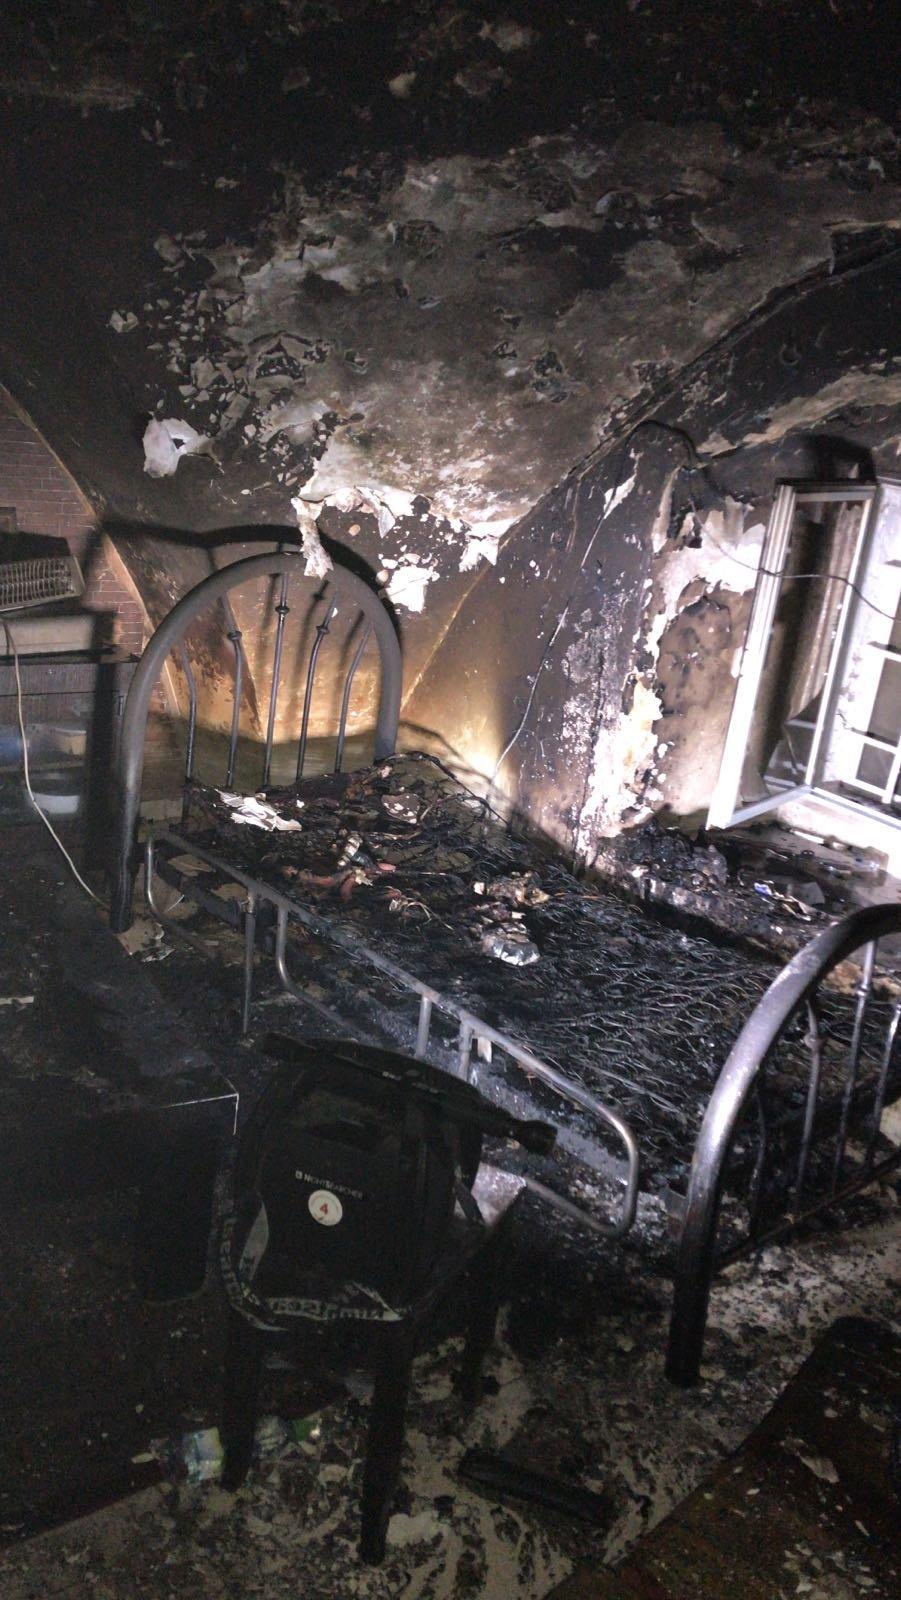 حريق هائل يلتهم بيتًا في بيت صفافا بالقدس وإصابة شخص